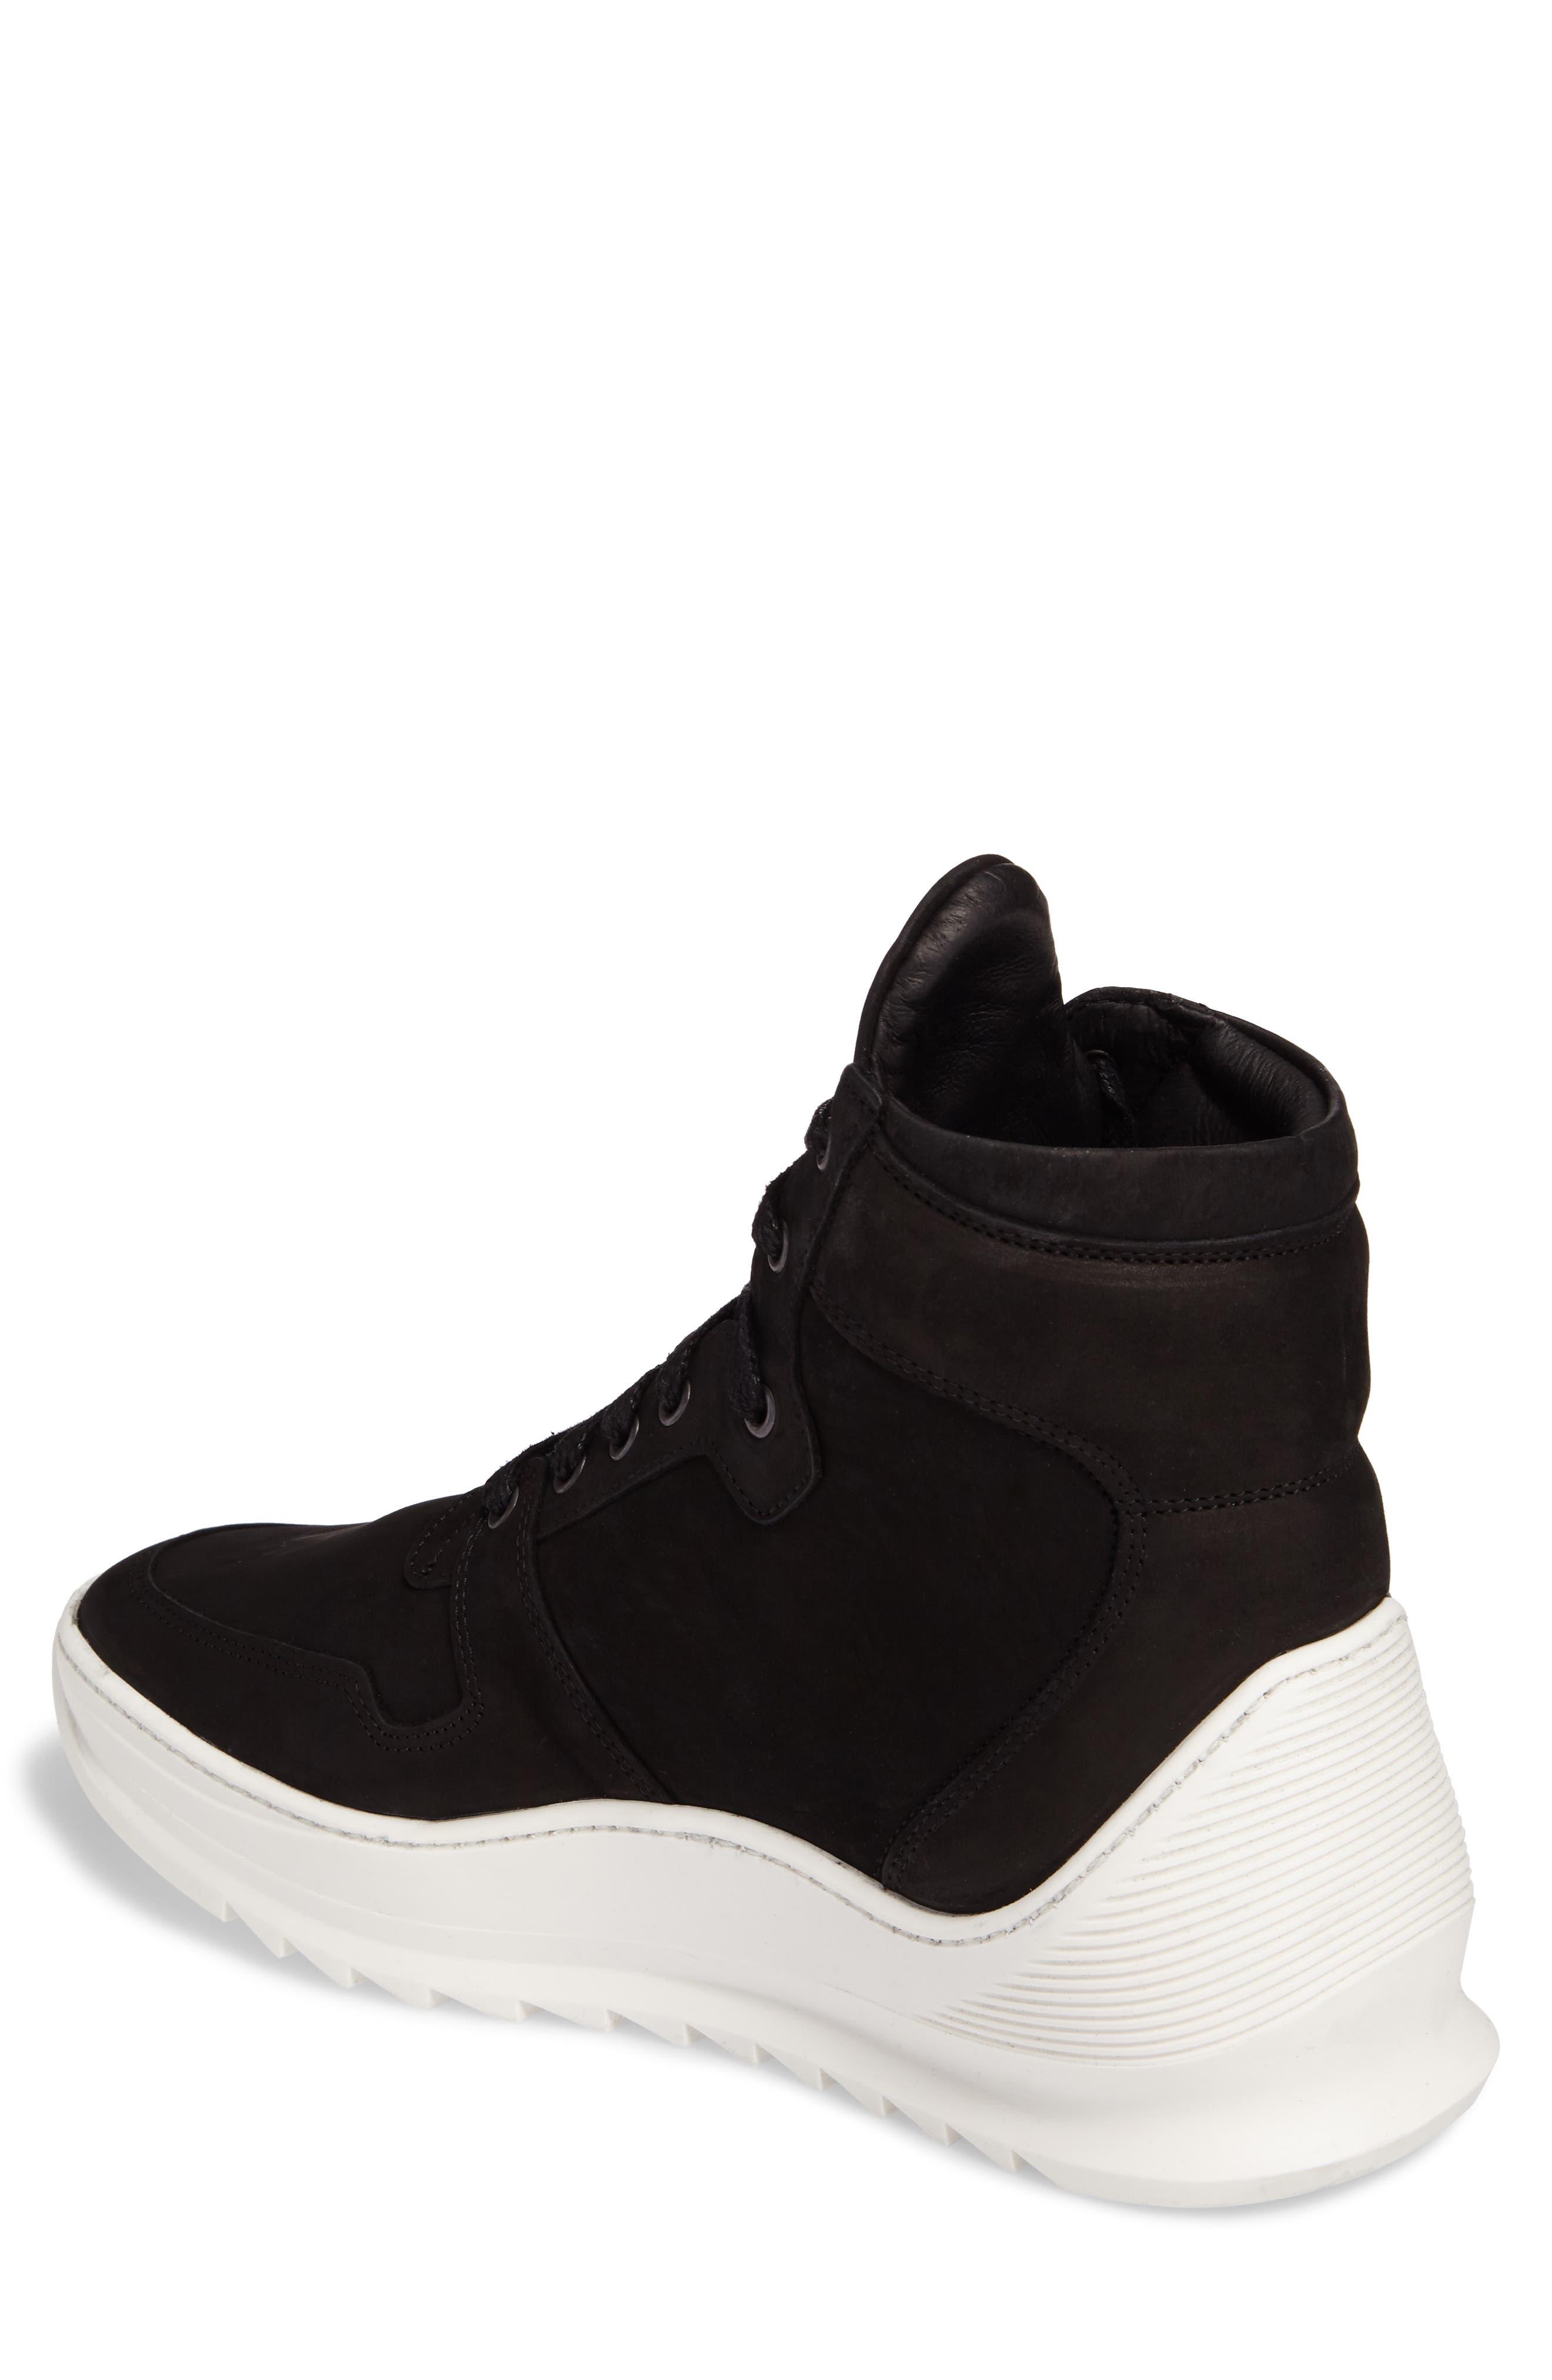 Transformed Sneaker,                             Alternate thumbnail 2, color,                             Basic Black